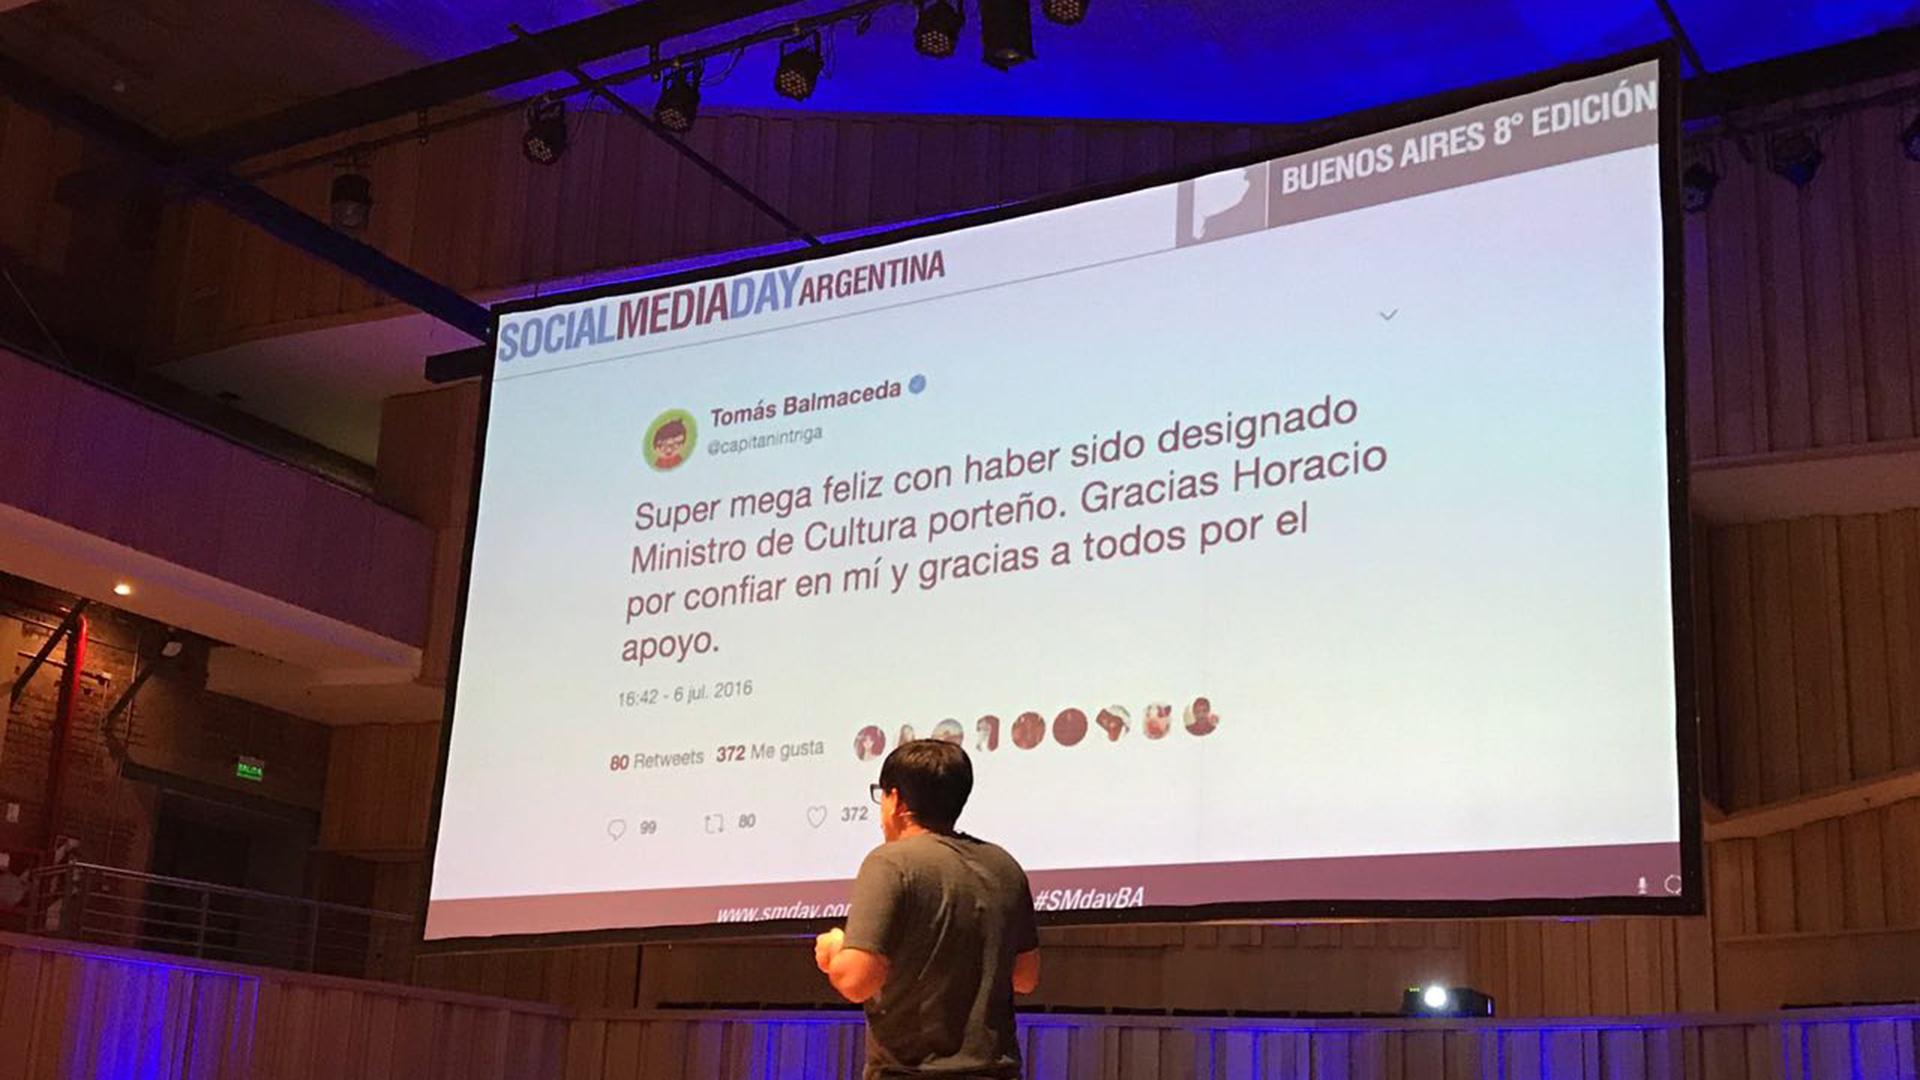 La broma que difundió el periodista Tomás Balmaceda en su Twitter